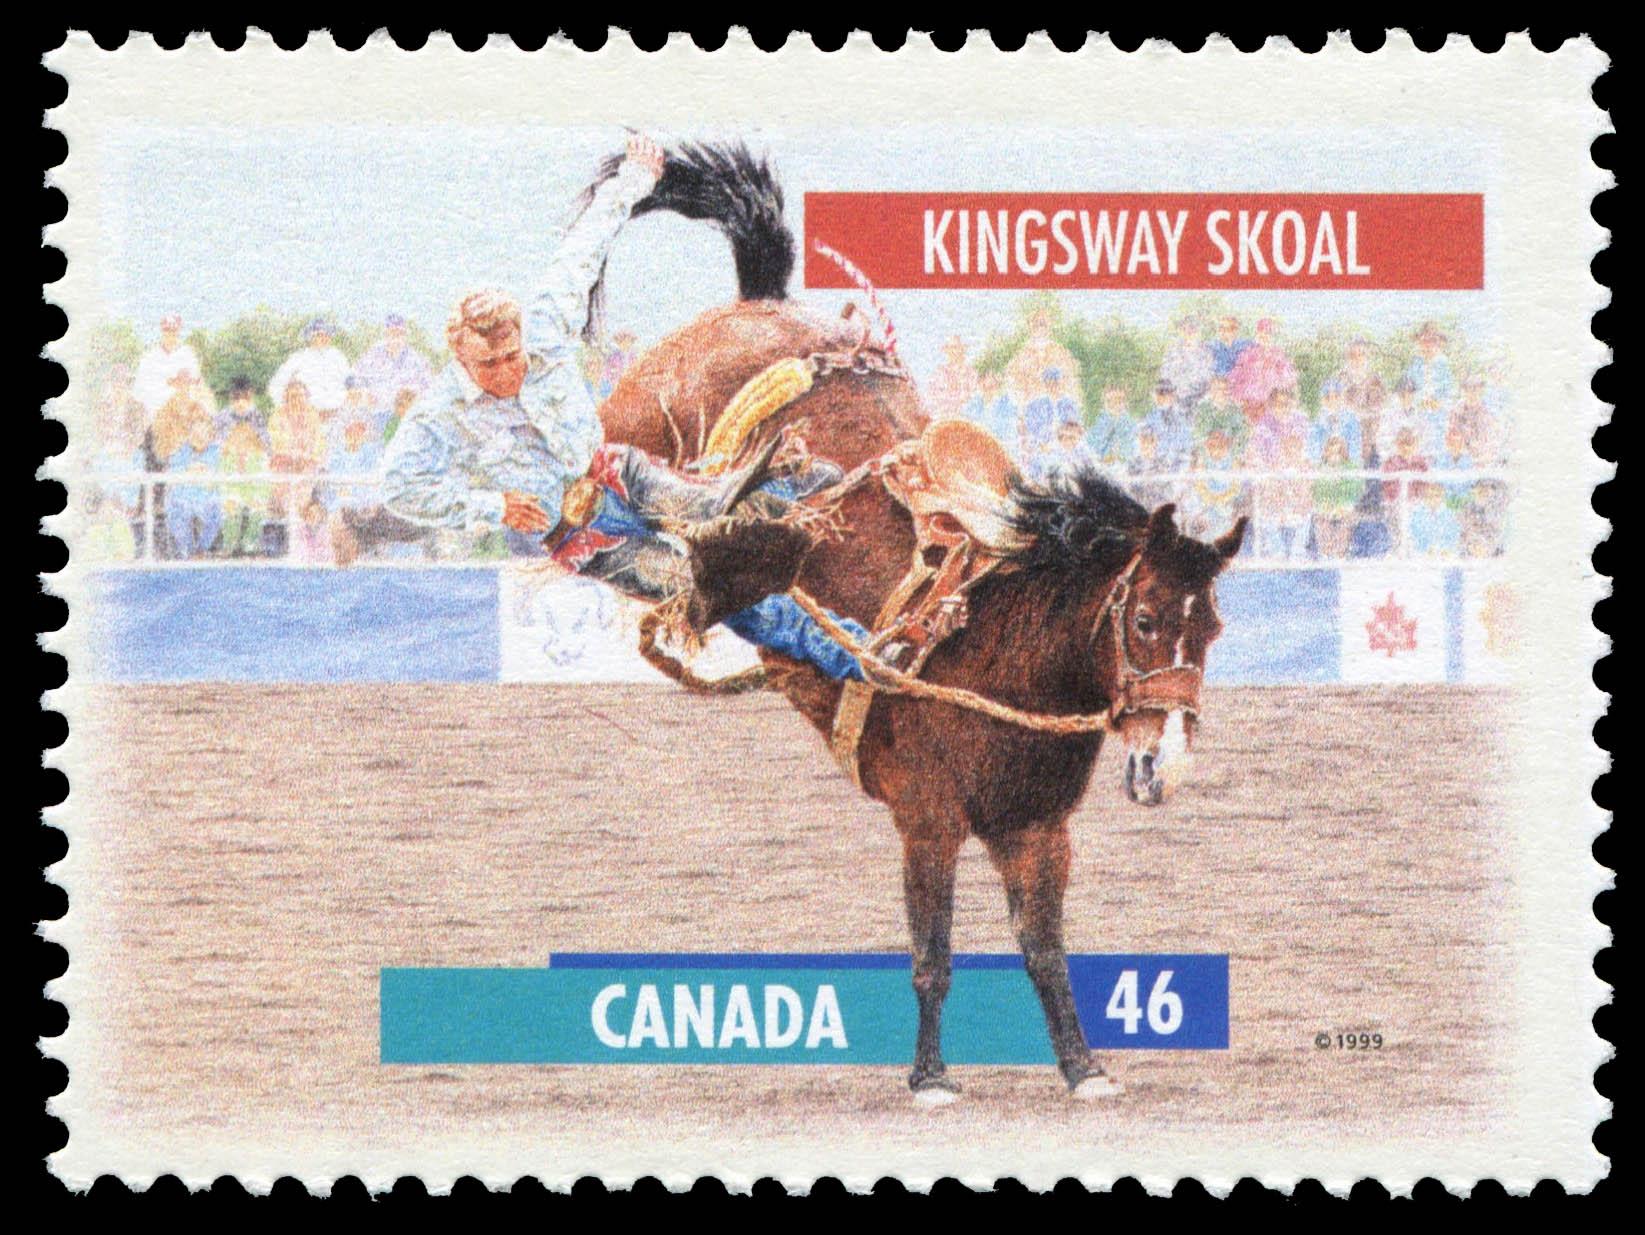 Kingsway Skoal Canada Postage Stamp